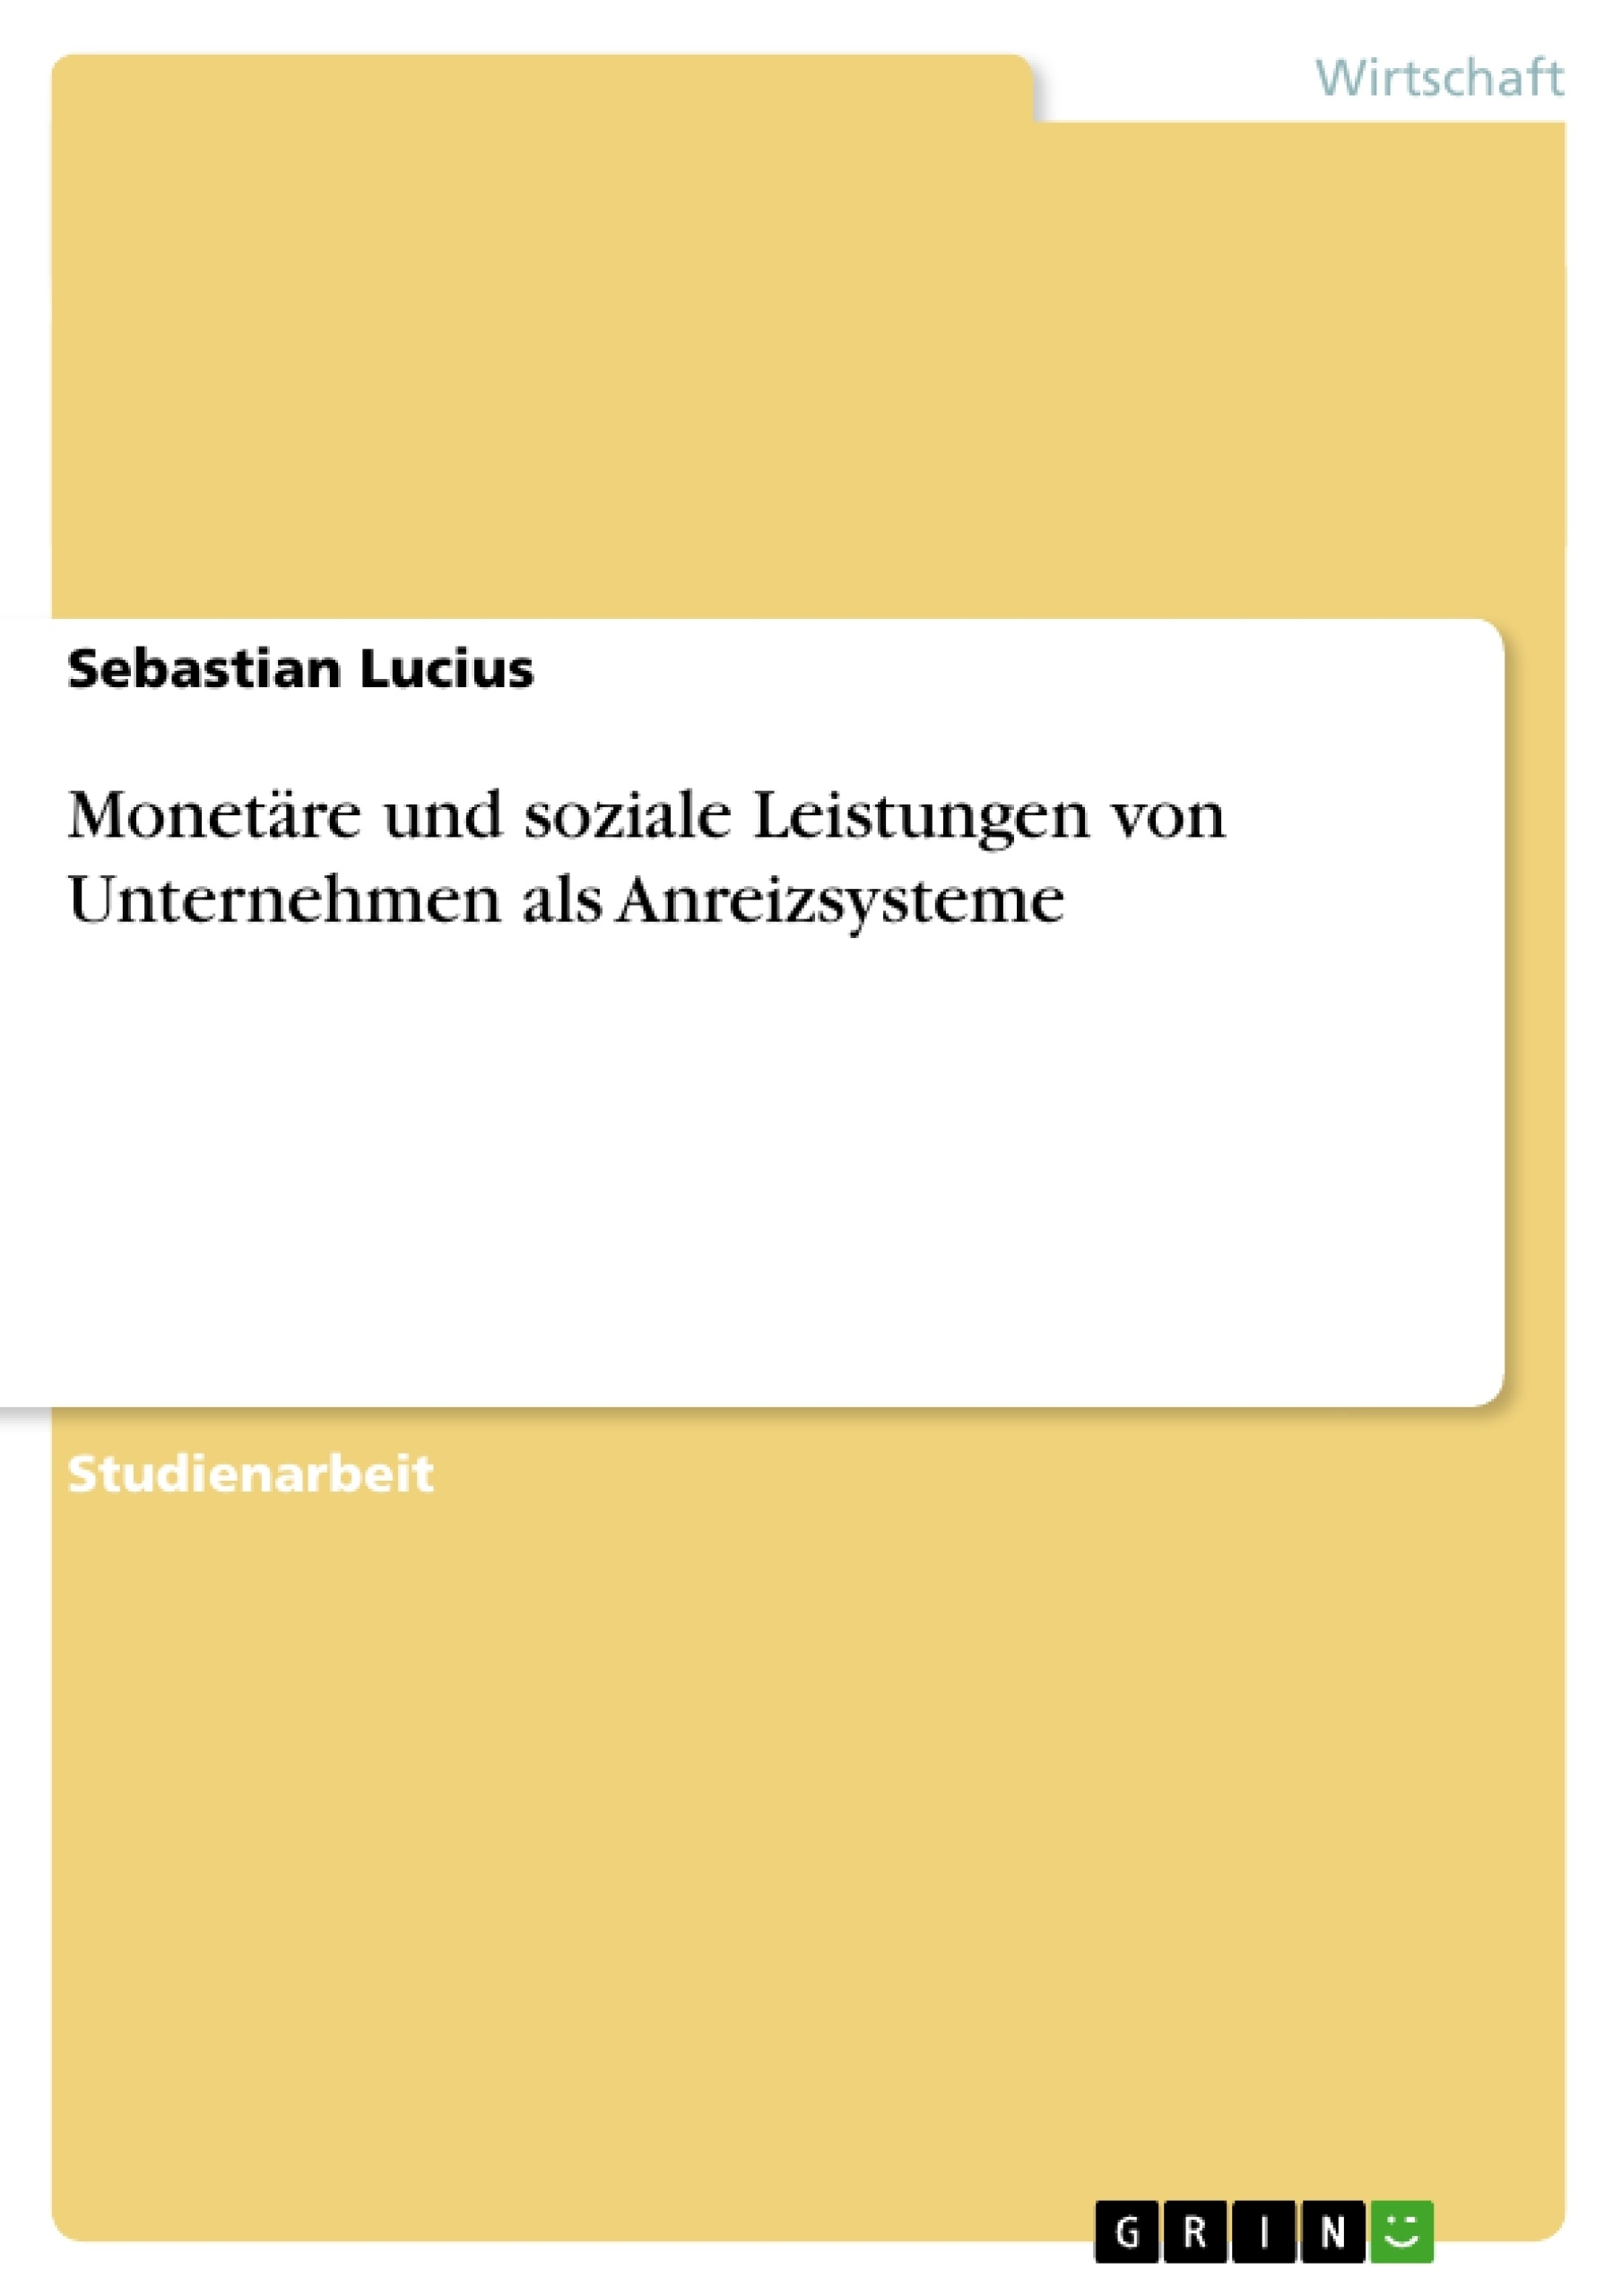 Titel: Monetäre und soziale Leistungen von Unternehmen als Anreizsysteme